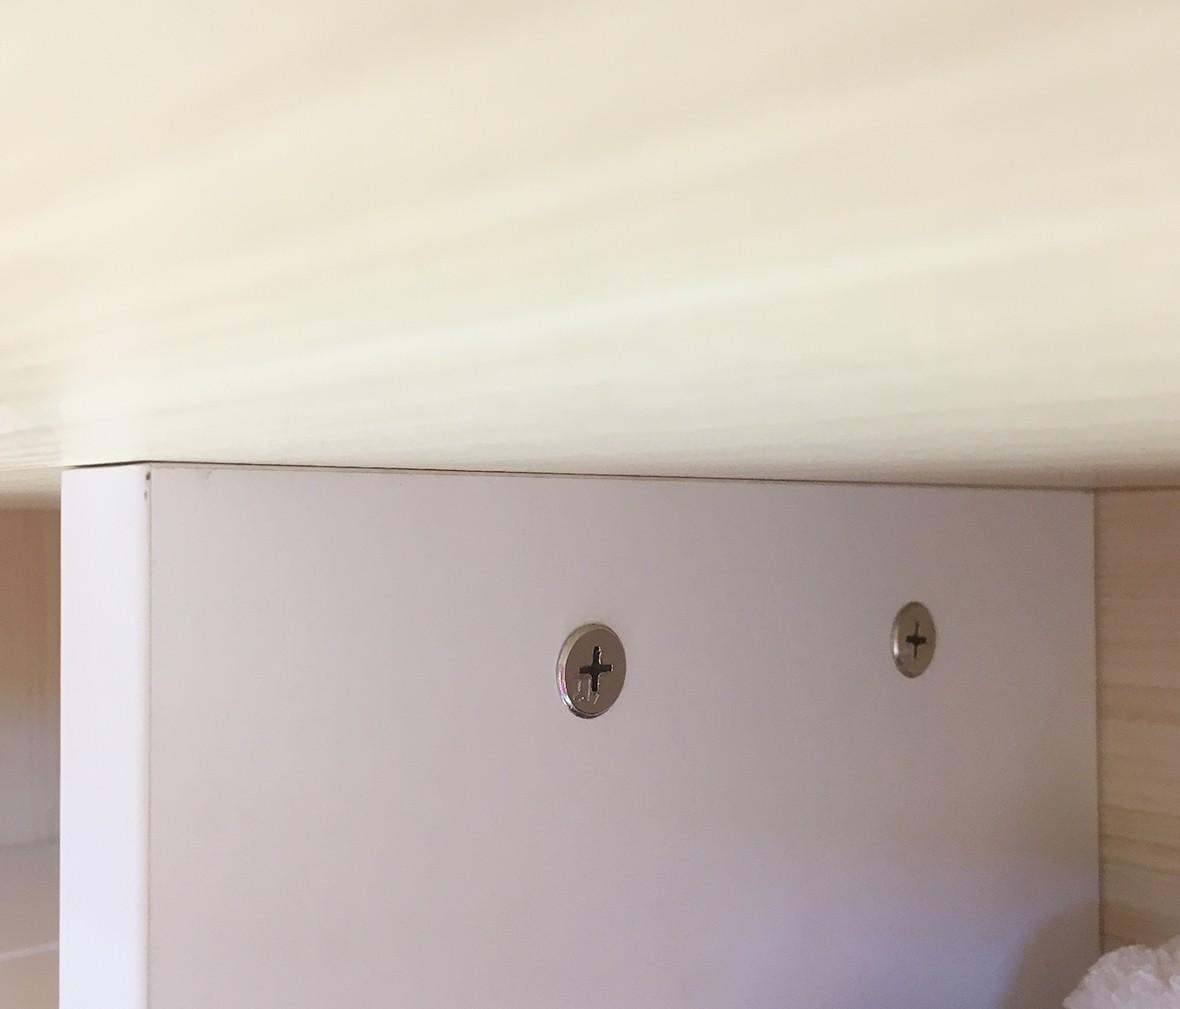 飞美家具 ZC05AR型号床头上柜 优质刨花板材质柜子图片、价格、品牌、评测样样齐全!【蓝景商城正品行货,蓝景丽家大钟寺家居广场提货,北京地区配送,领券更优惠,线上线下同品同价,立即购买享受更多优惠哦!】